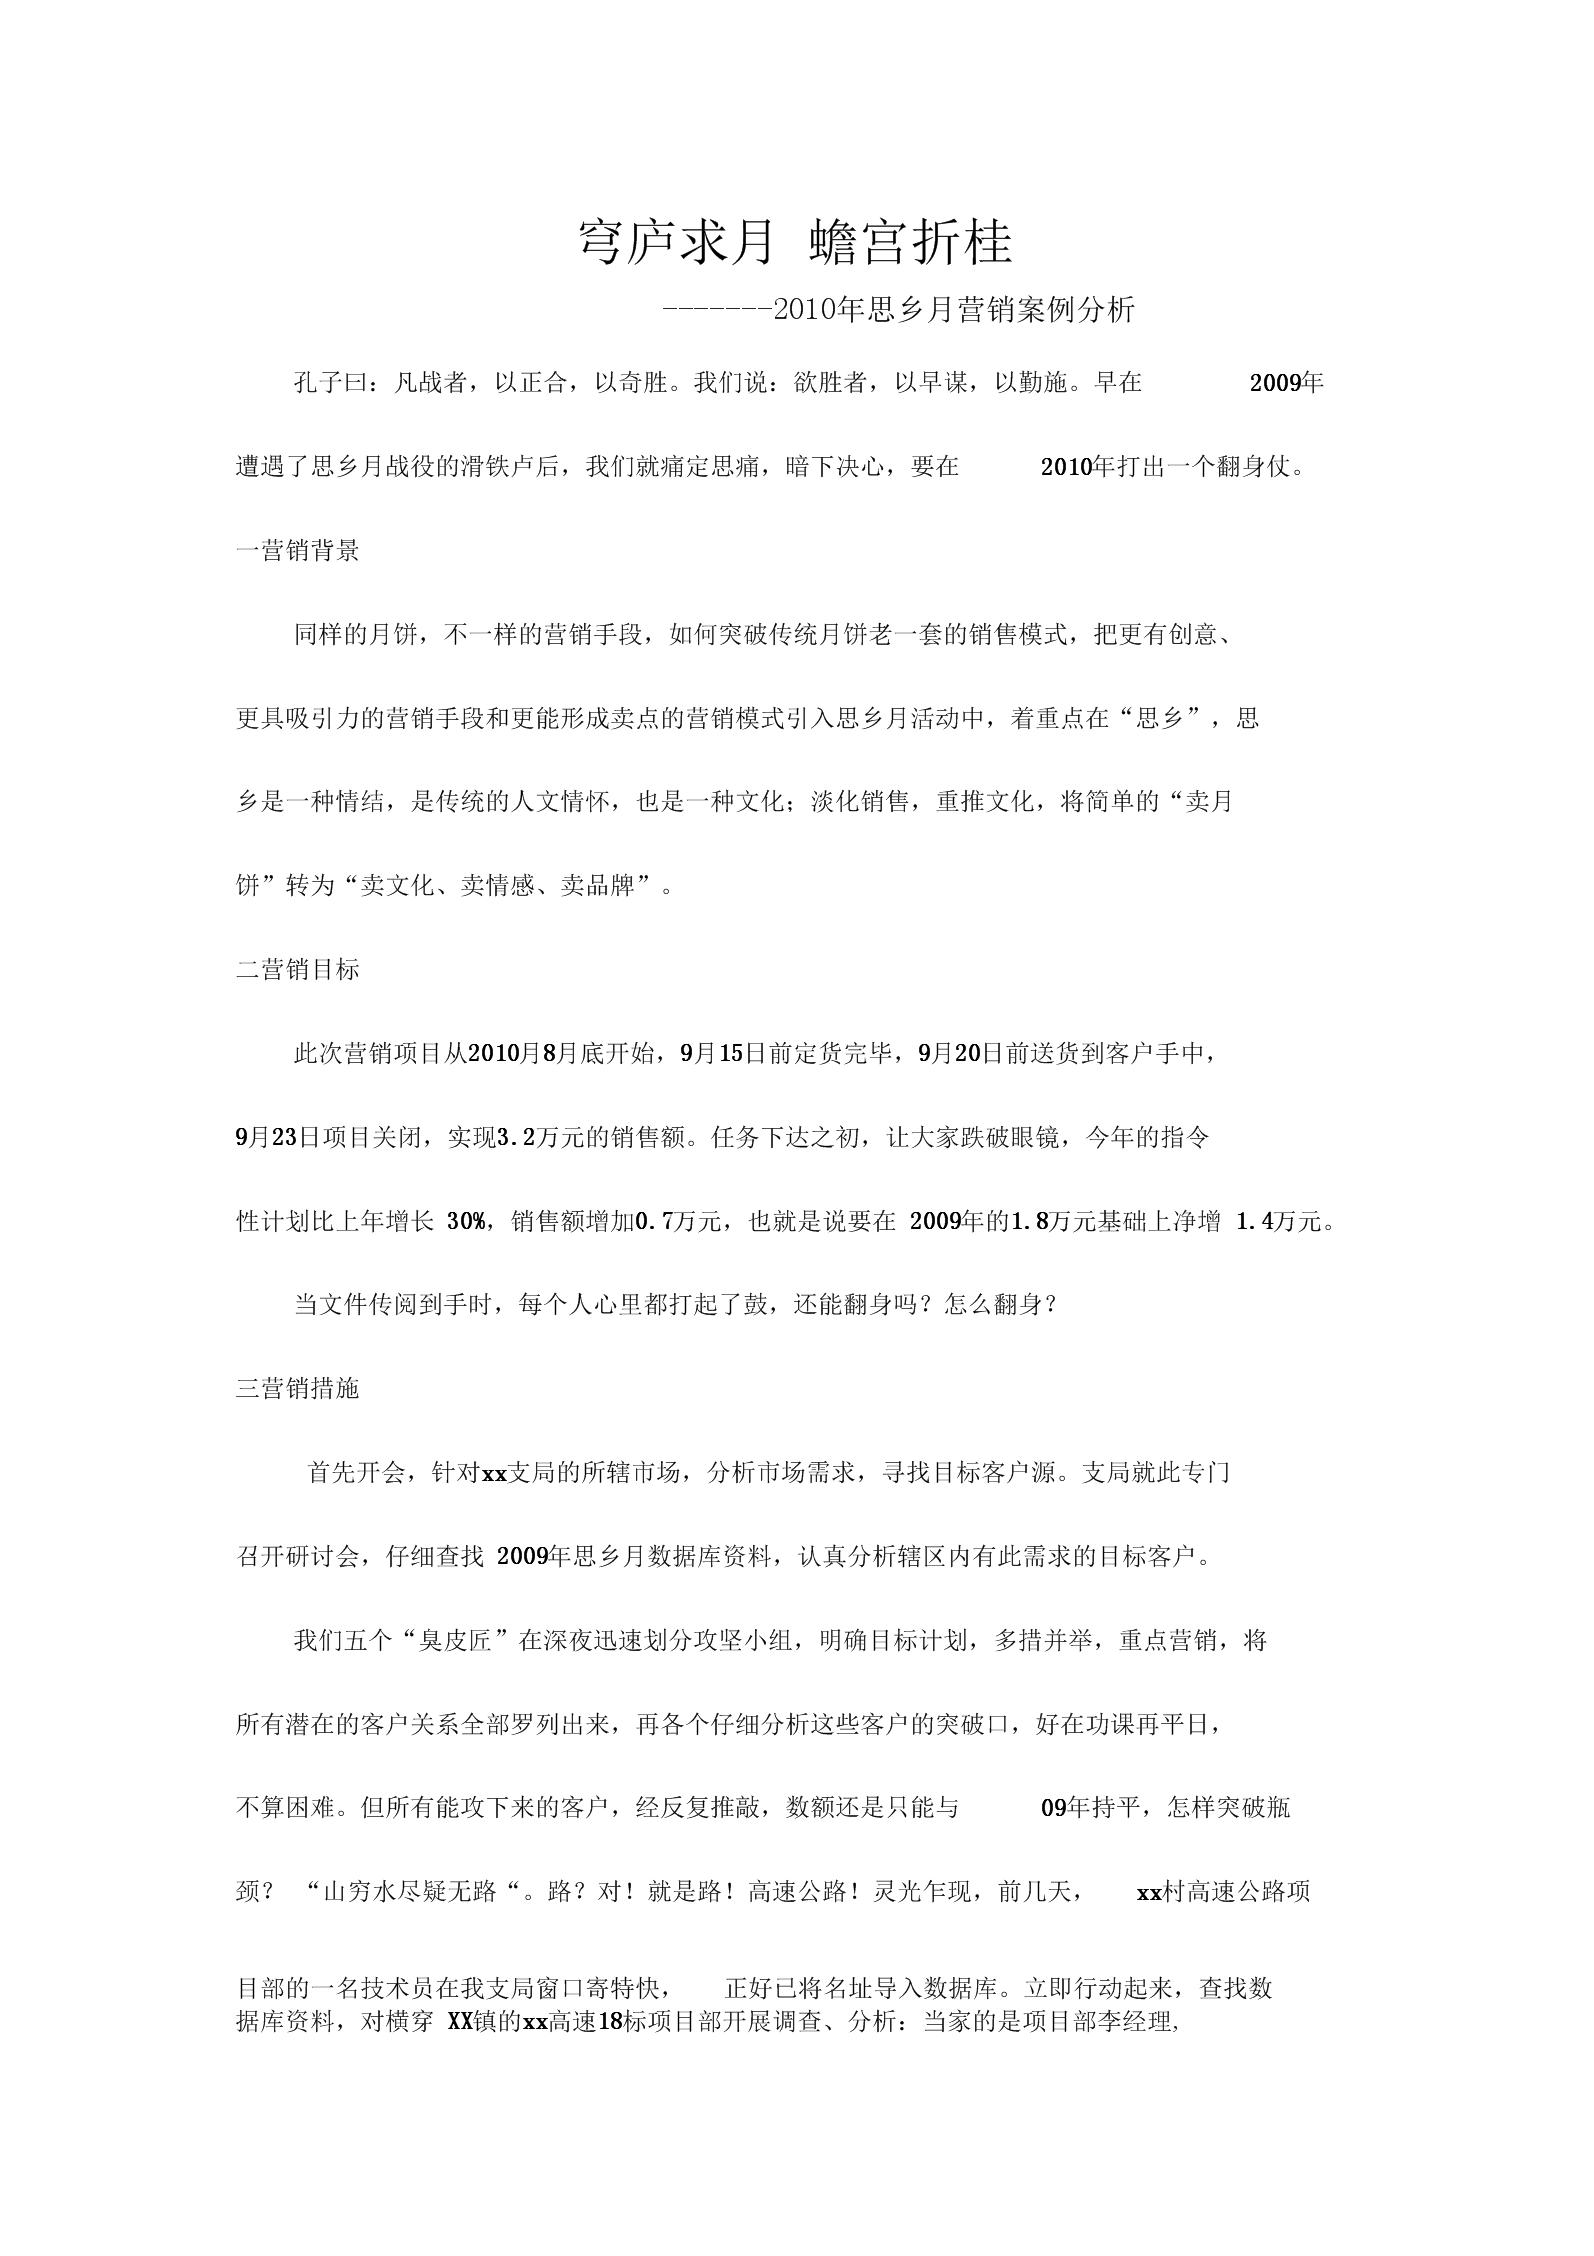 思乡月营销总结.docx